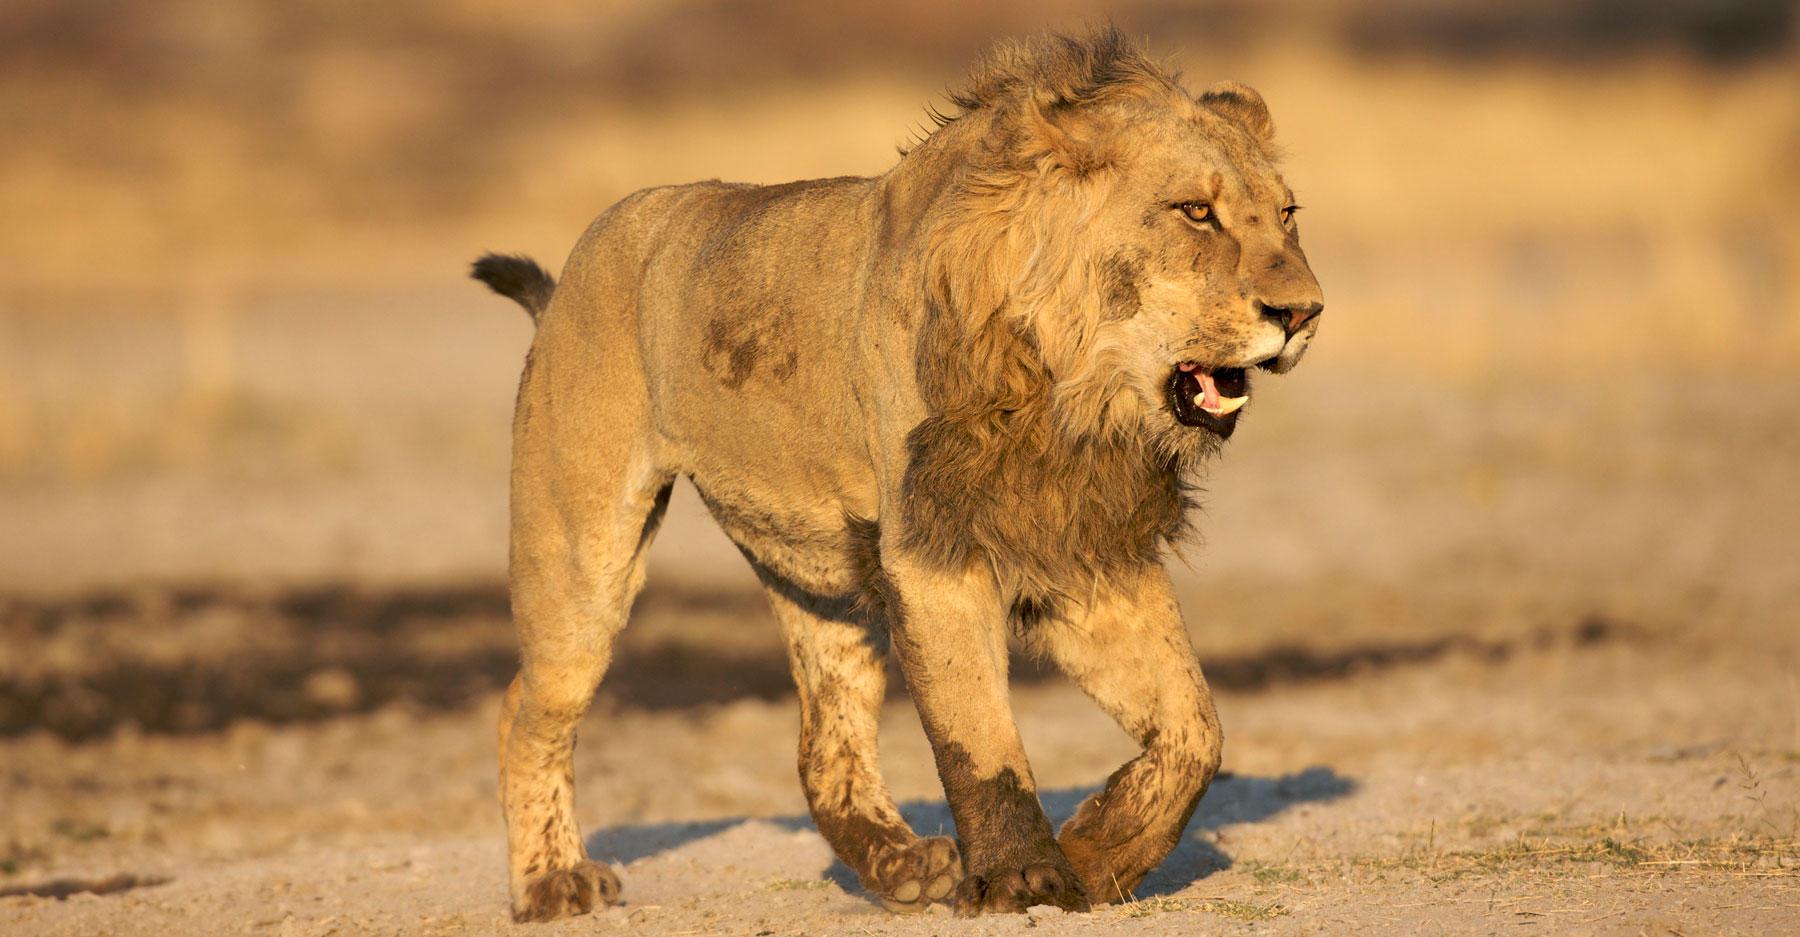 African lion walking